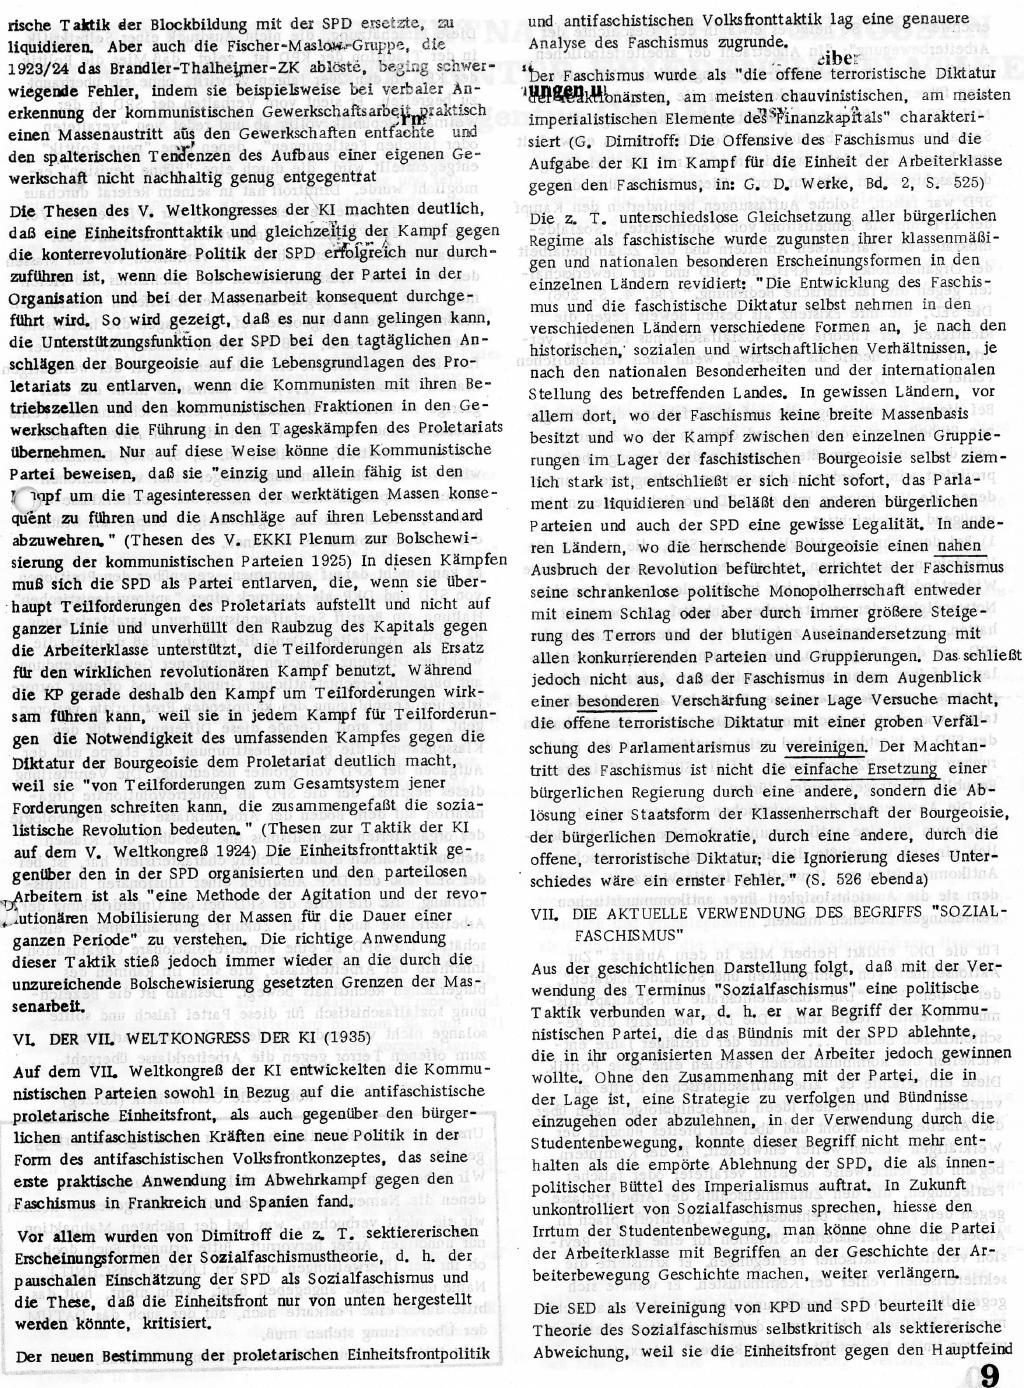 RPK_1970_087_09